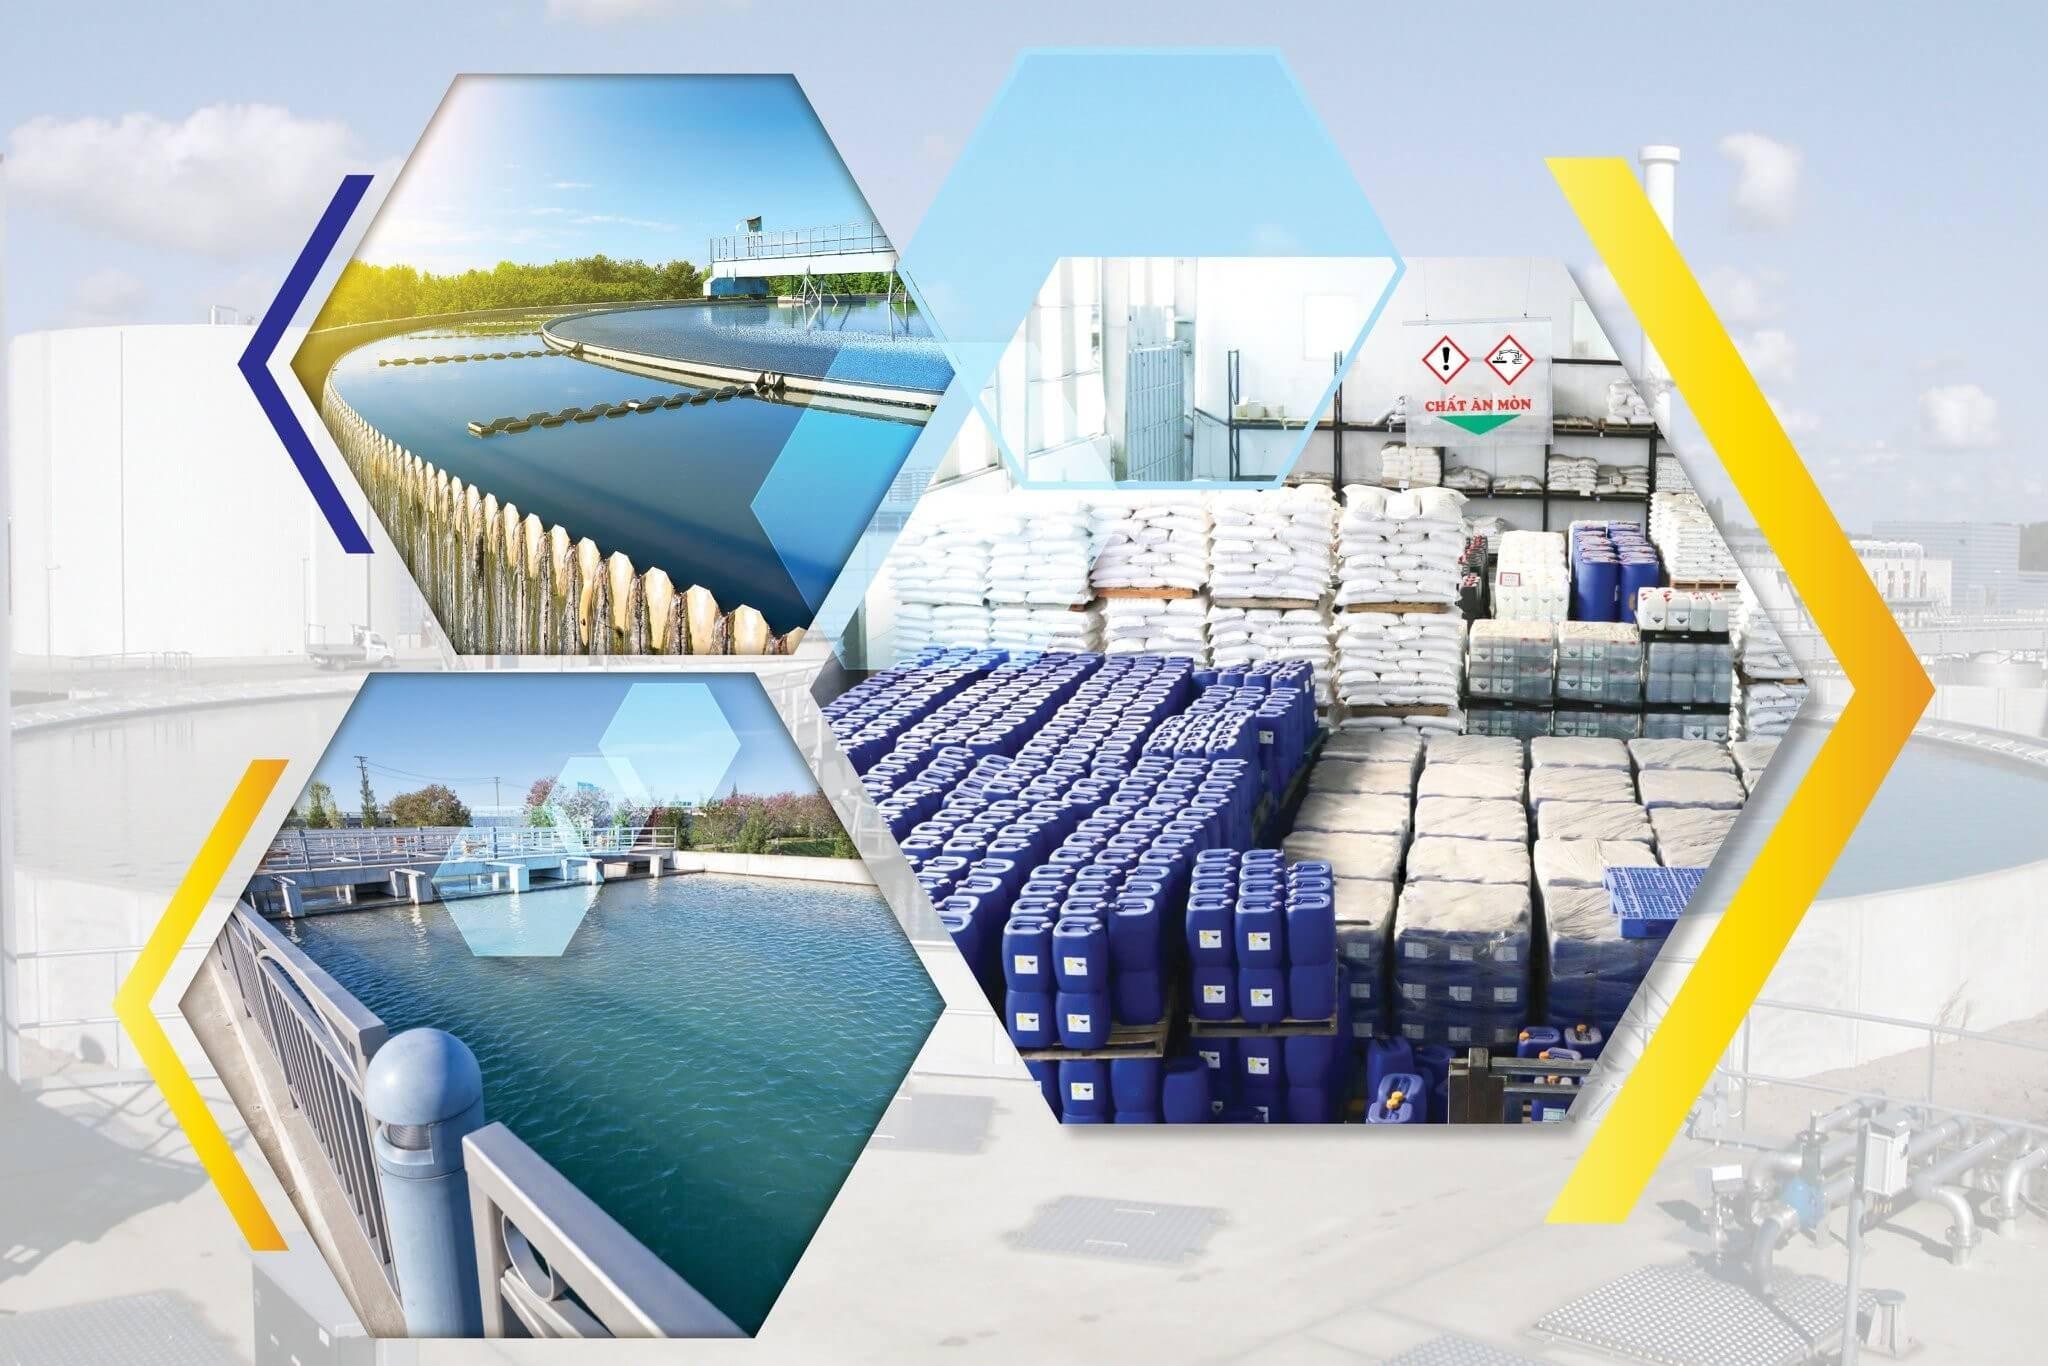 VietChem - Đơn vị chuyên cung ứng các loại hóa chất, thiết bị hàng đầu Việt Nam